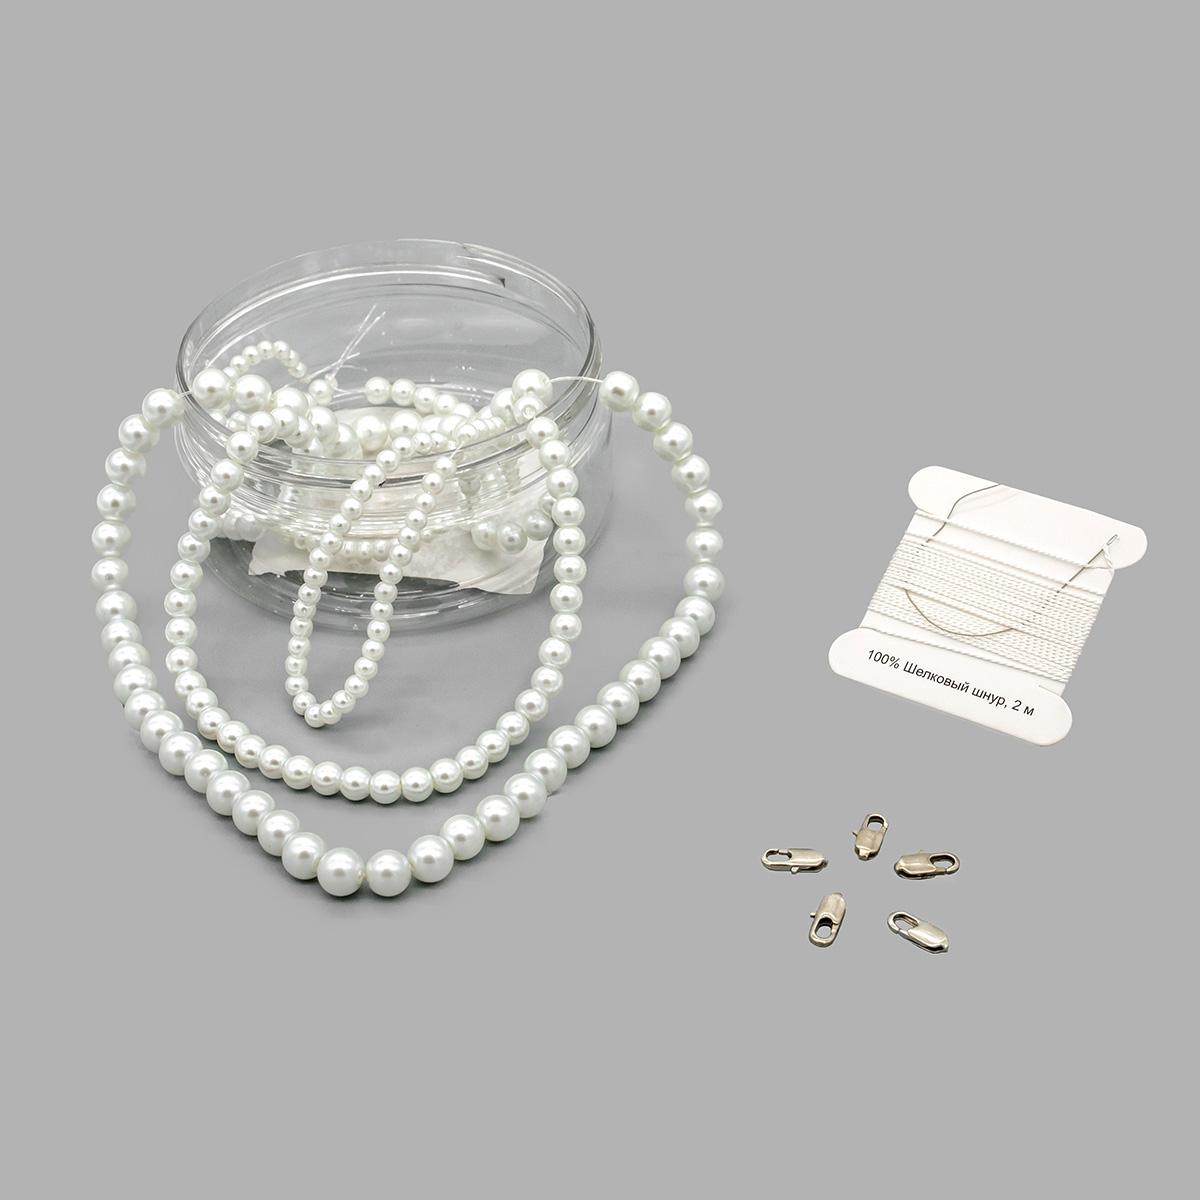 Набор для изготовления украшений со стеклянным жемчугом и шелковым шнуром, цвет белый, Астра